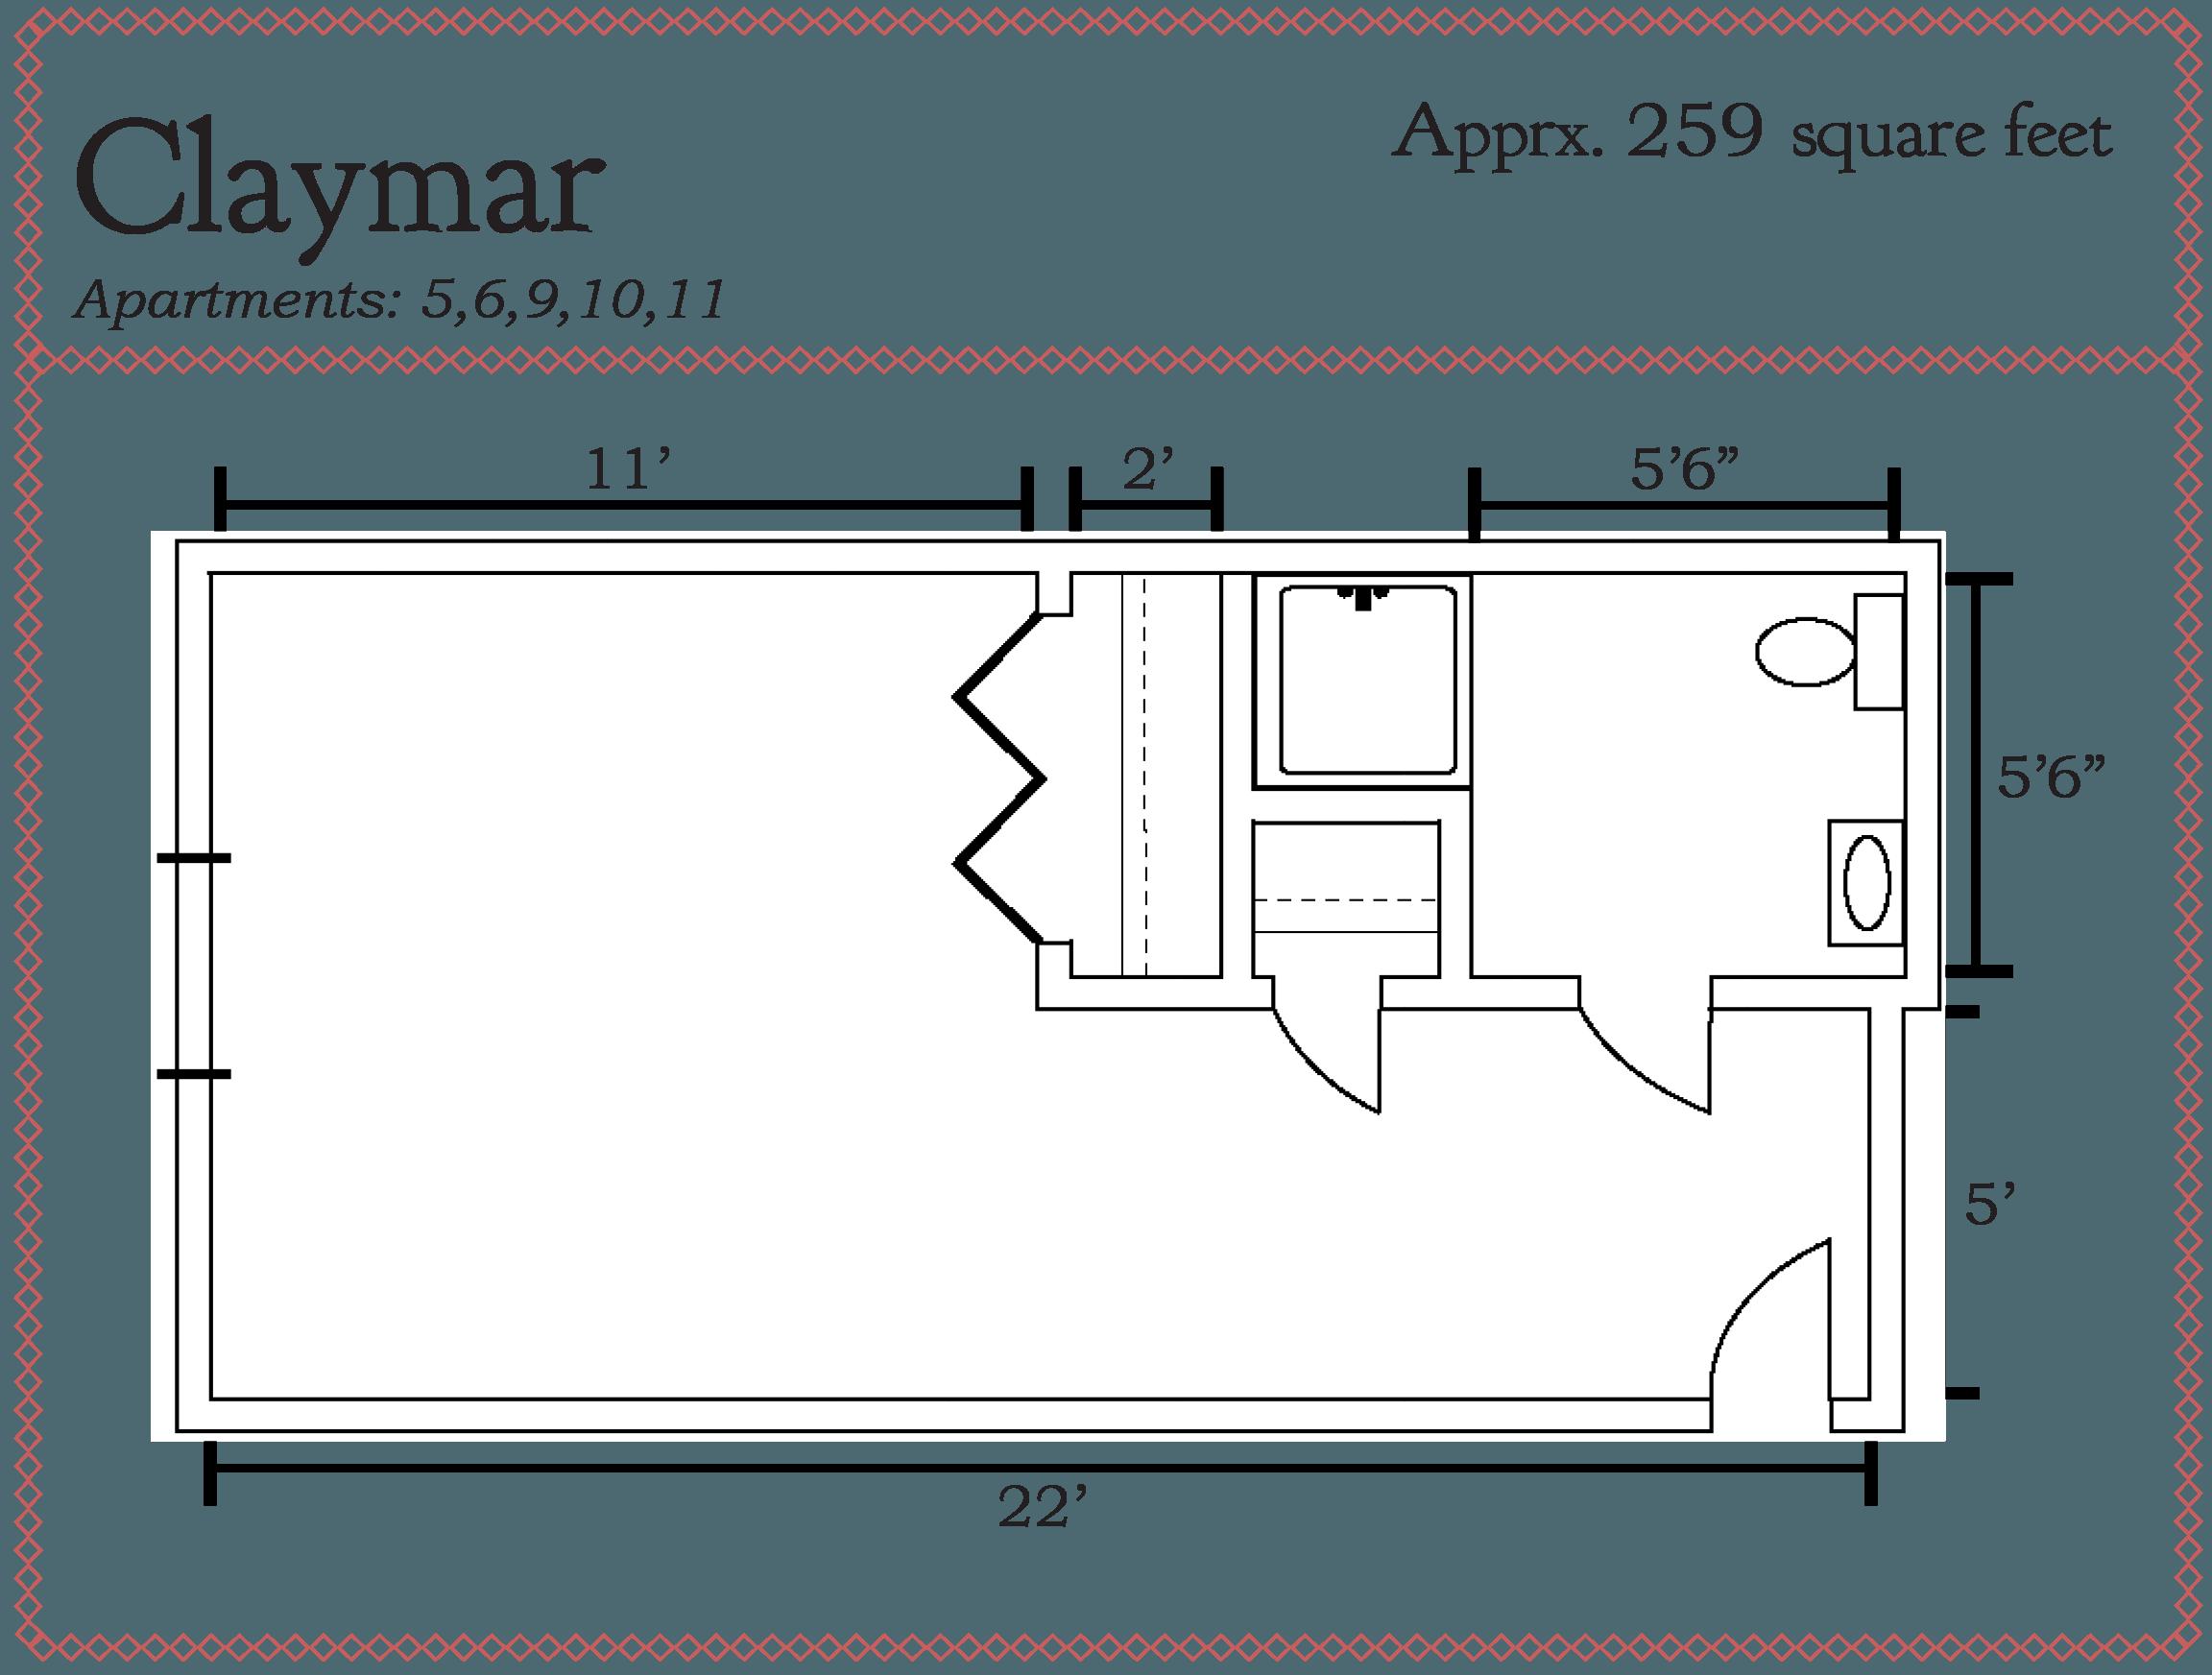 Claymar